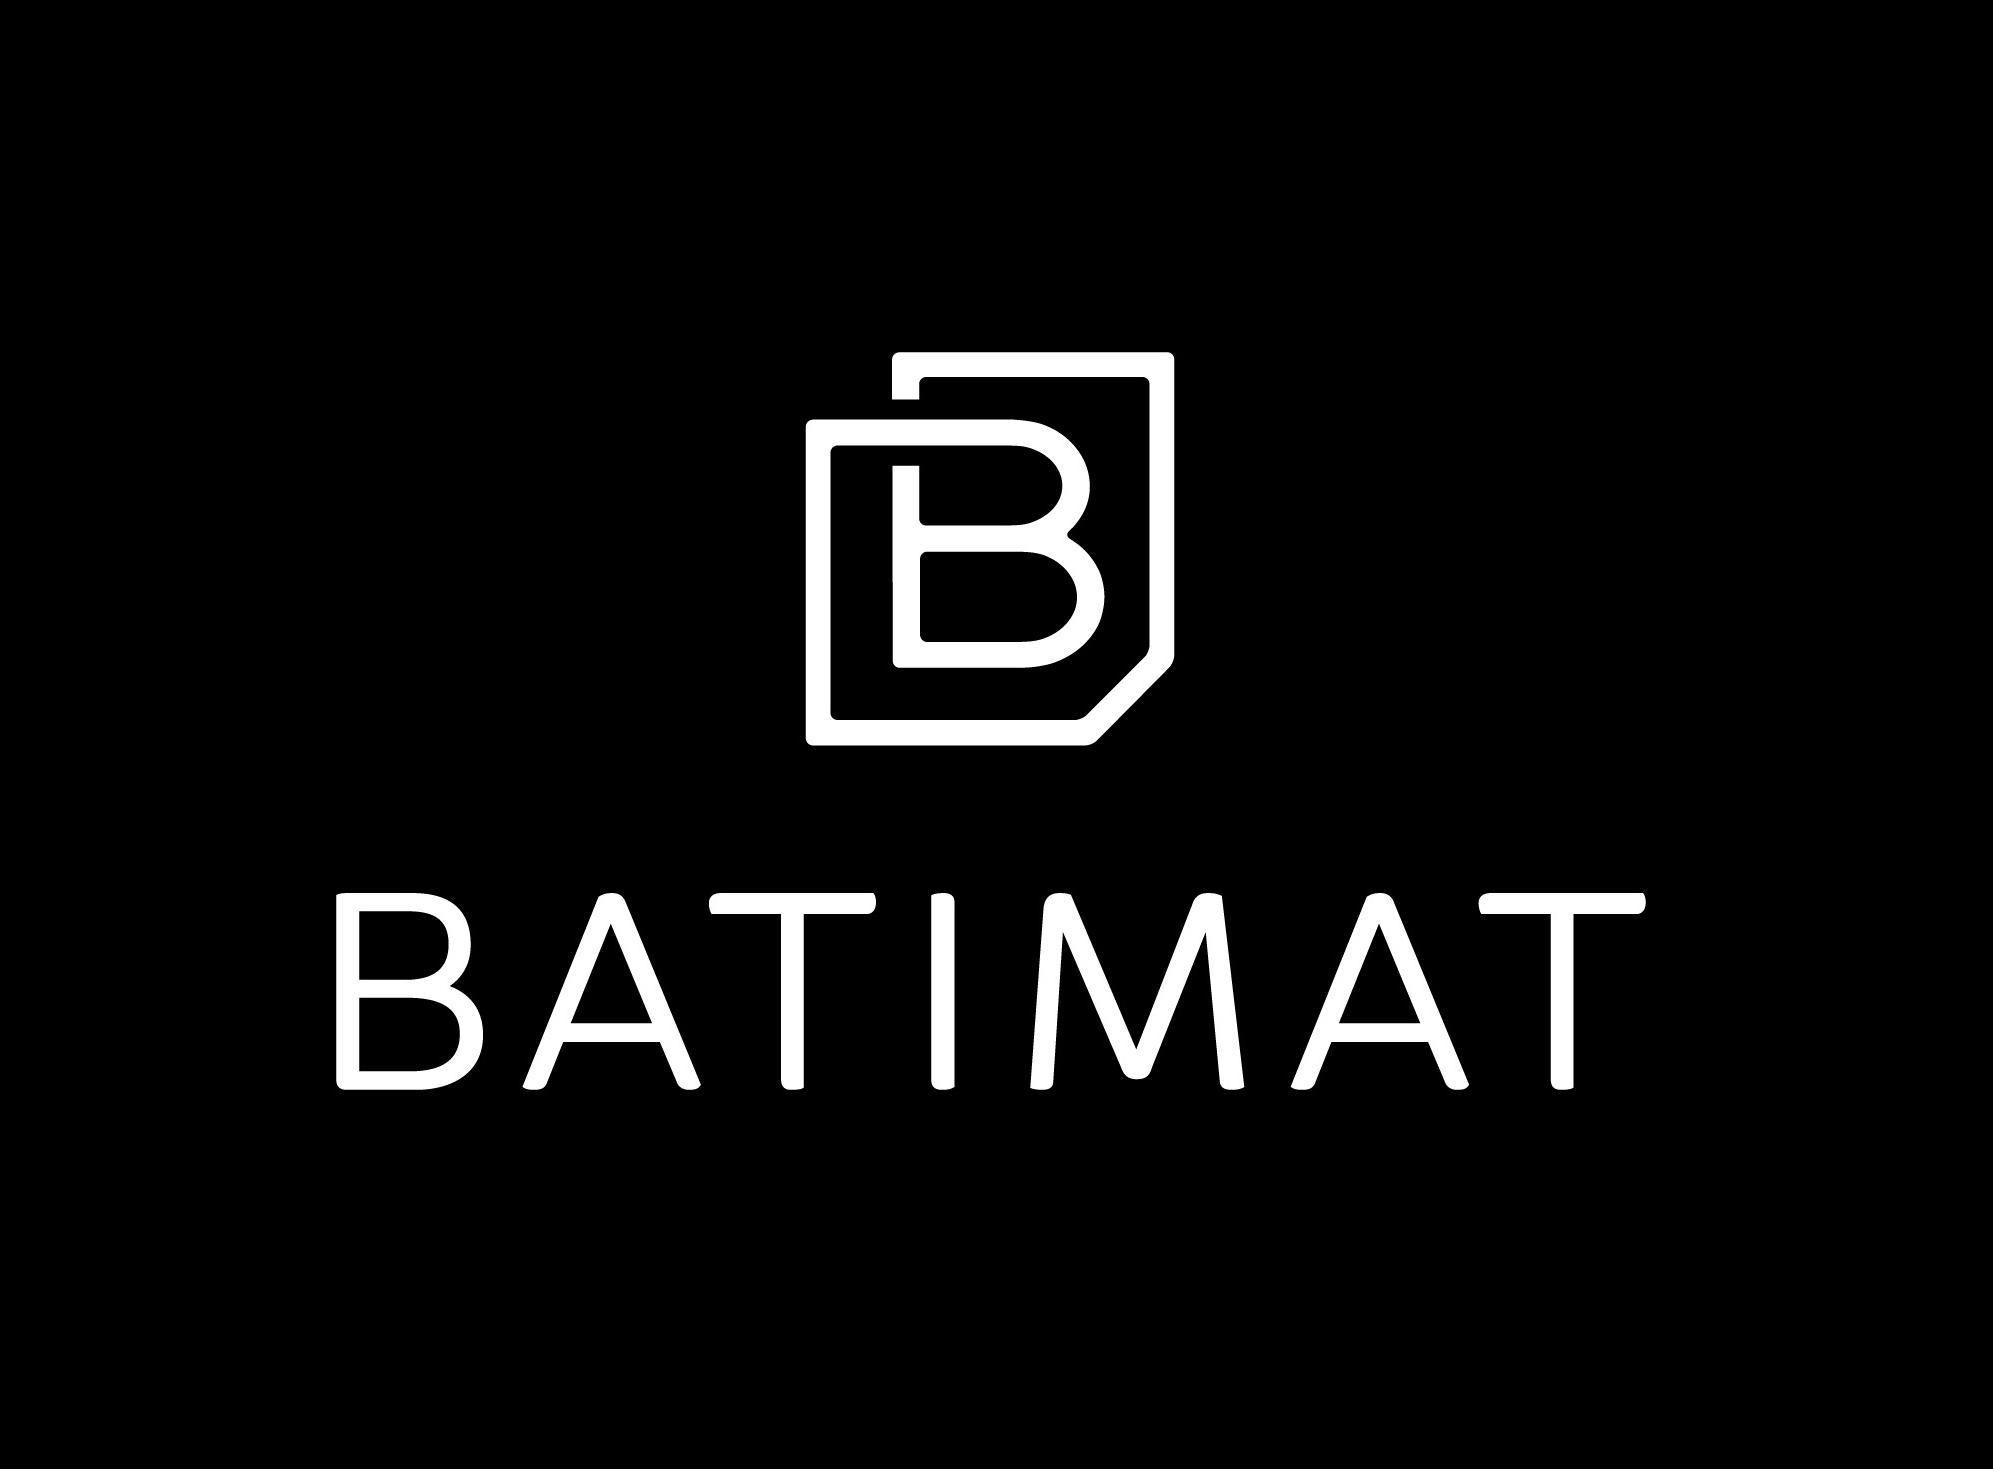 Logo de Batimat